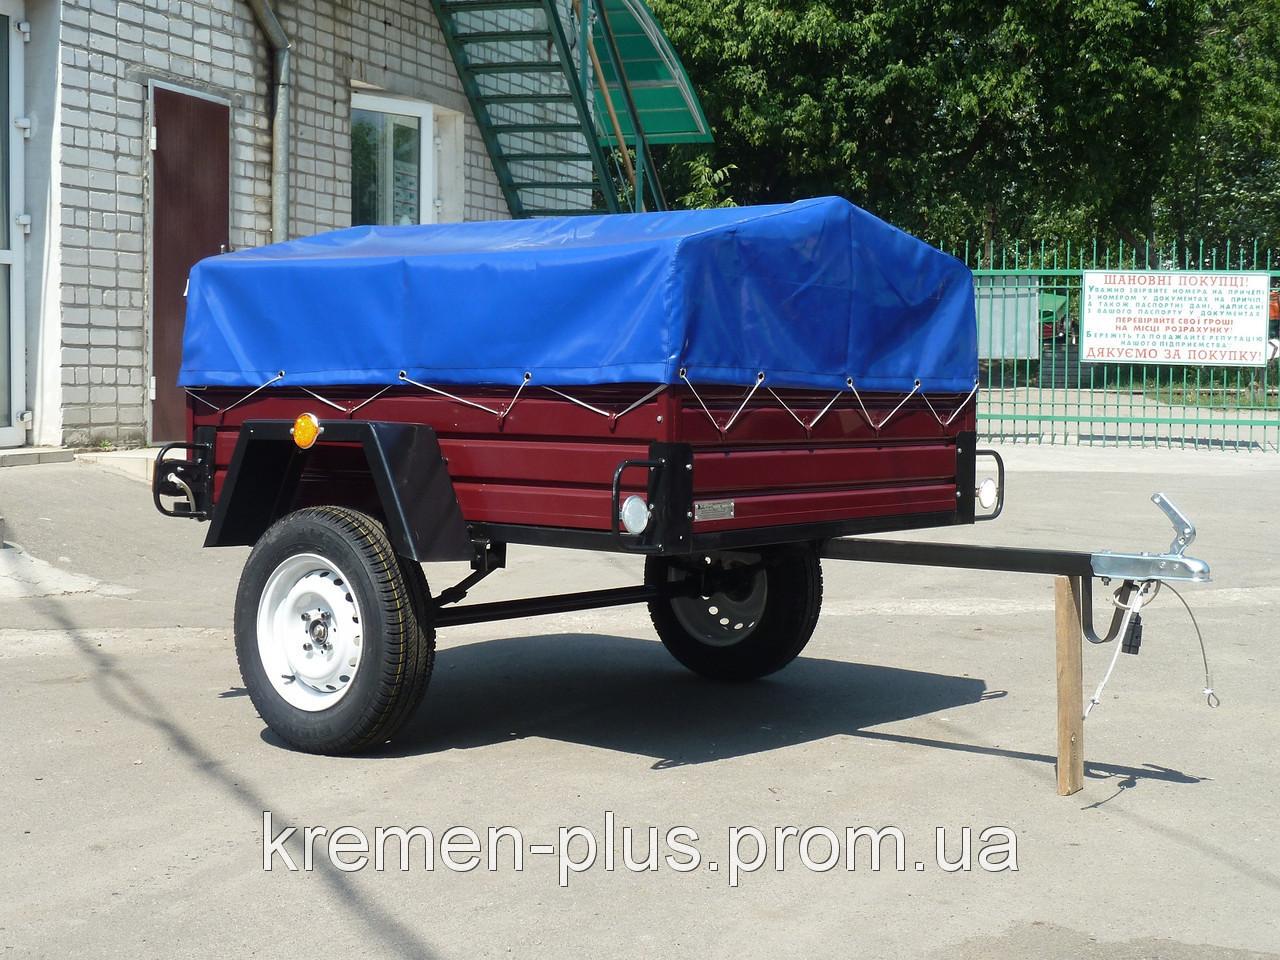 Продам одноосный легковой прицеп в Донецкой области для автомобиля, фото 1